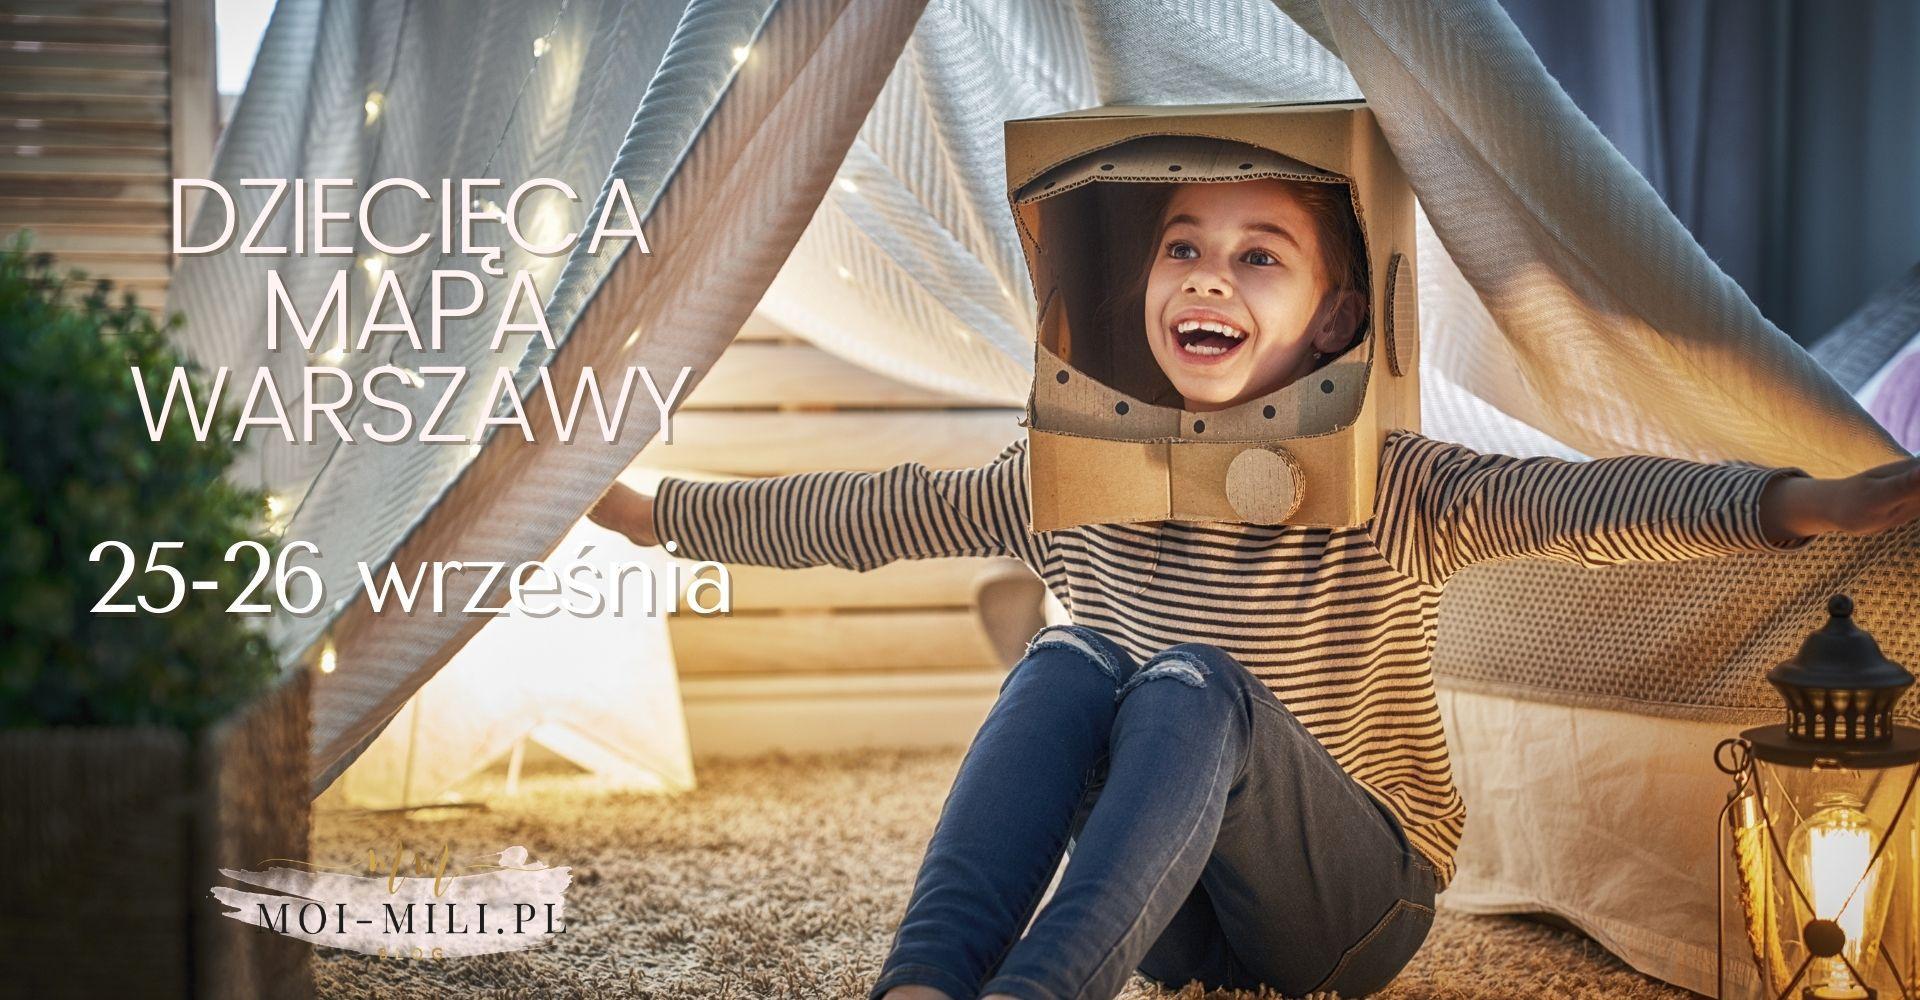 Weekendowa Zajawka, czyli co robić z dzieckiem w Warszawie 25-26 września